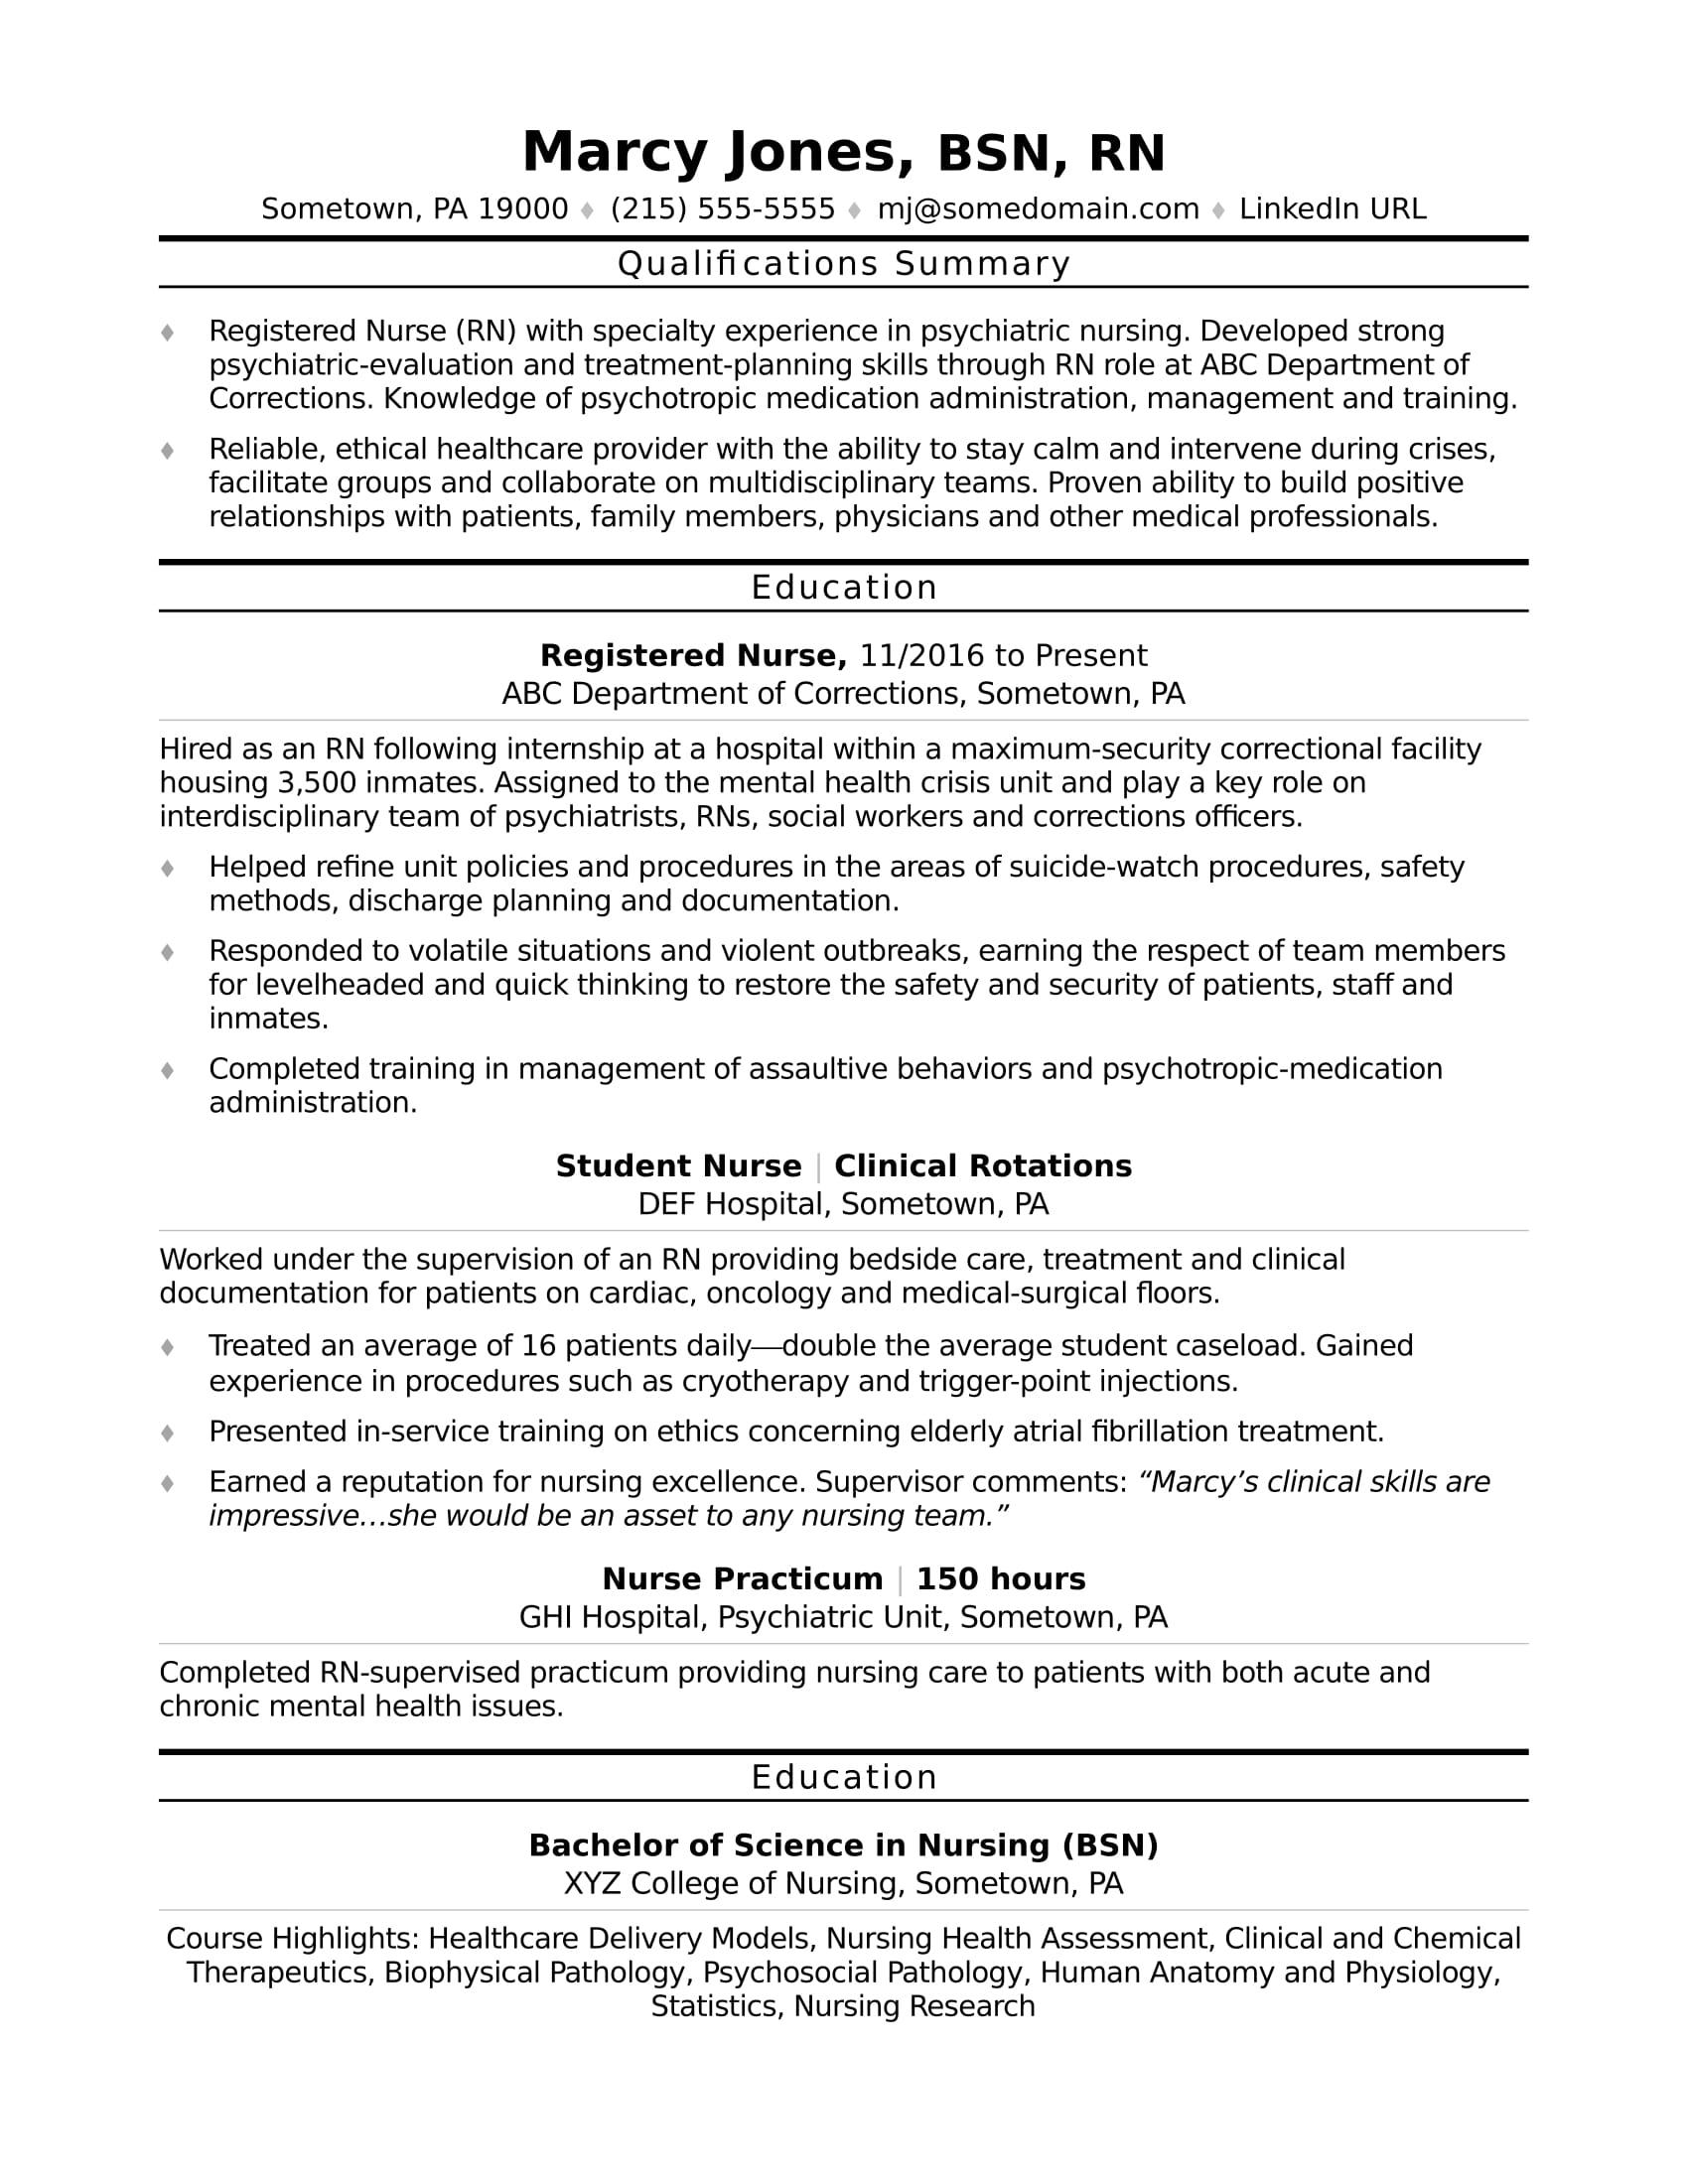 Registered Nurse RN Resume Sample  Monstercom